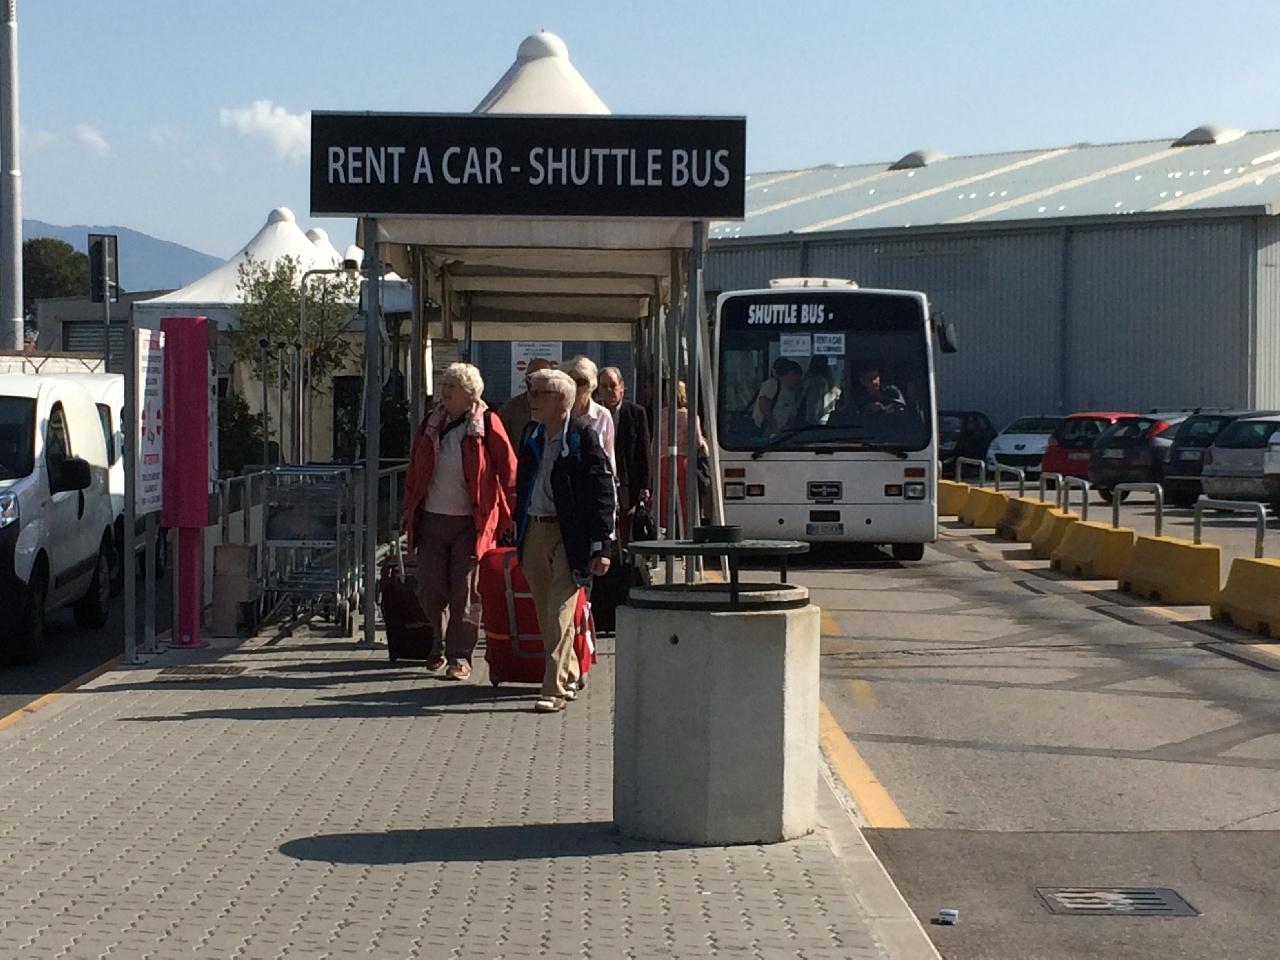 Statia shuttle bus-ului pana la birourile de inchiriat masini